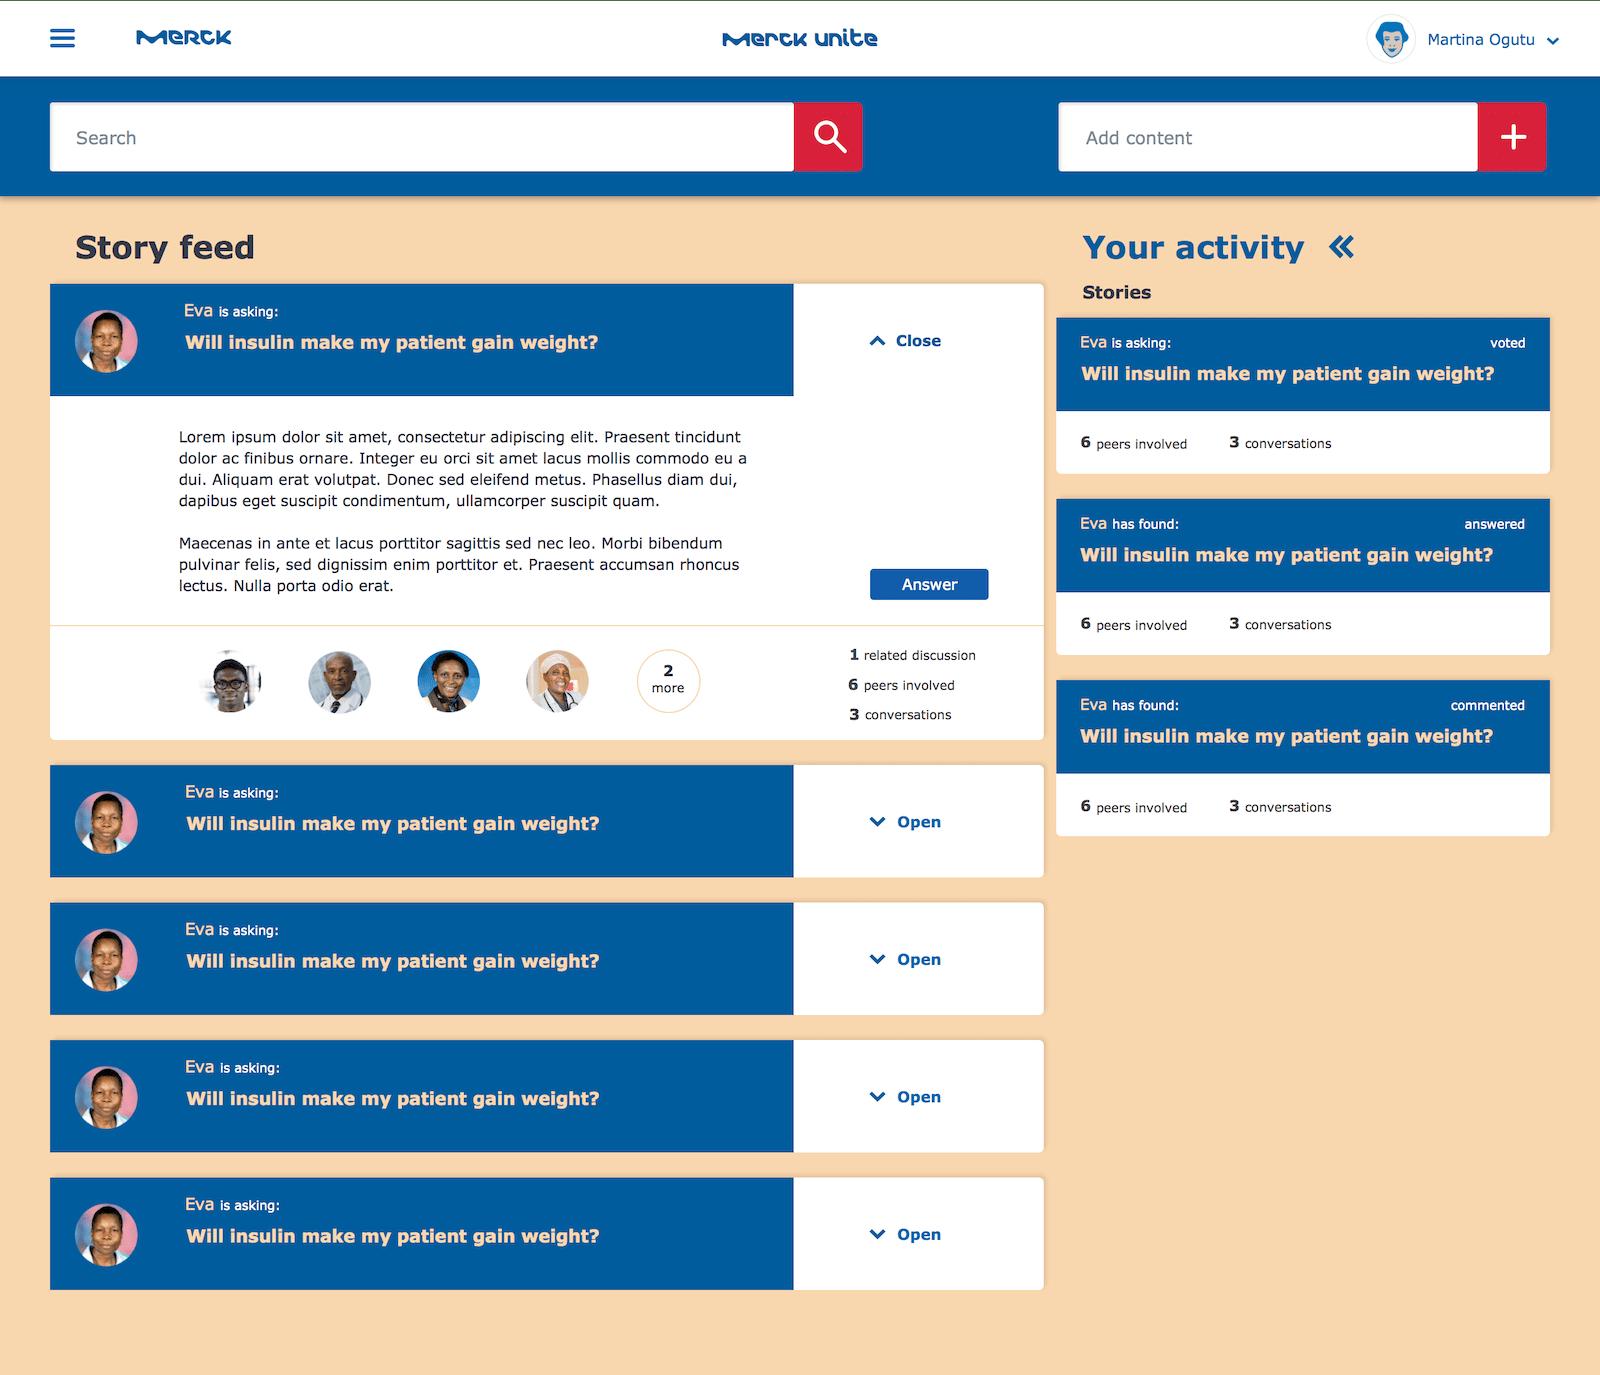 merck-unite-browser-view